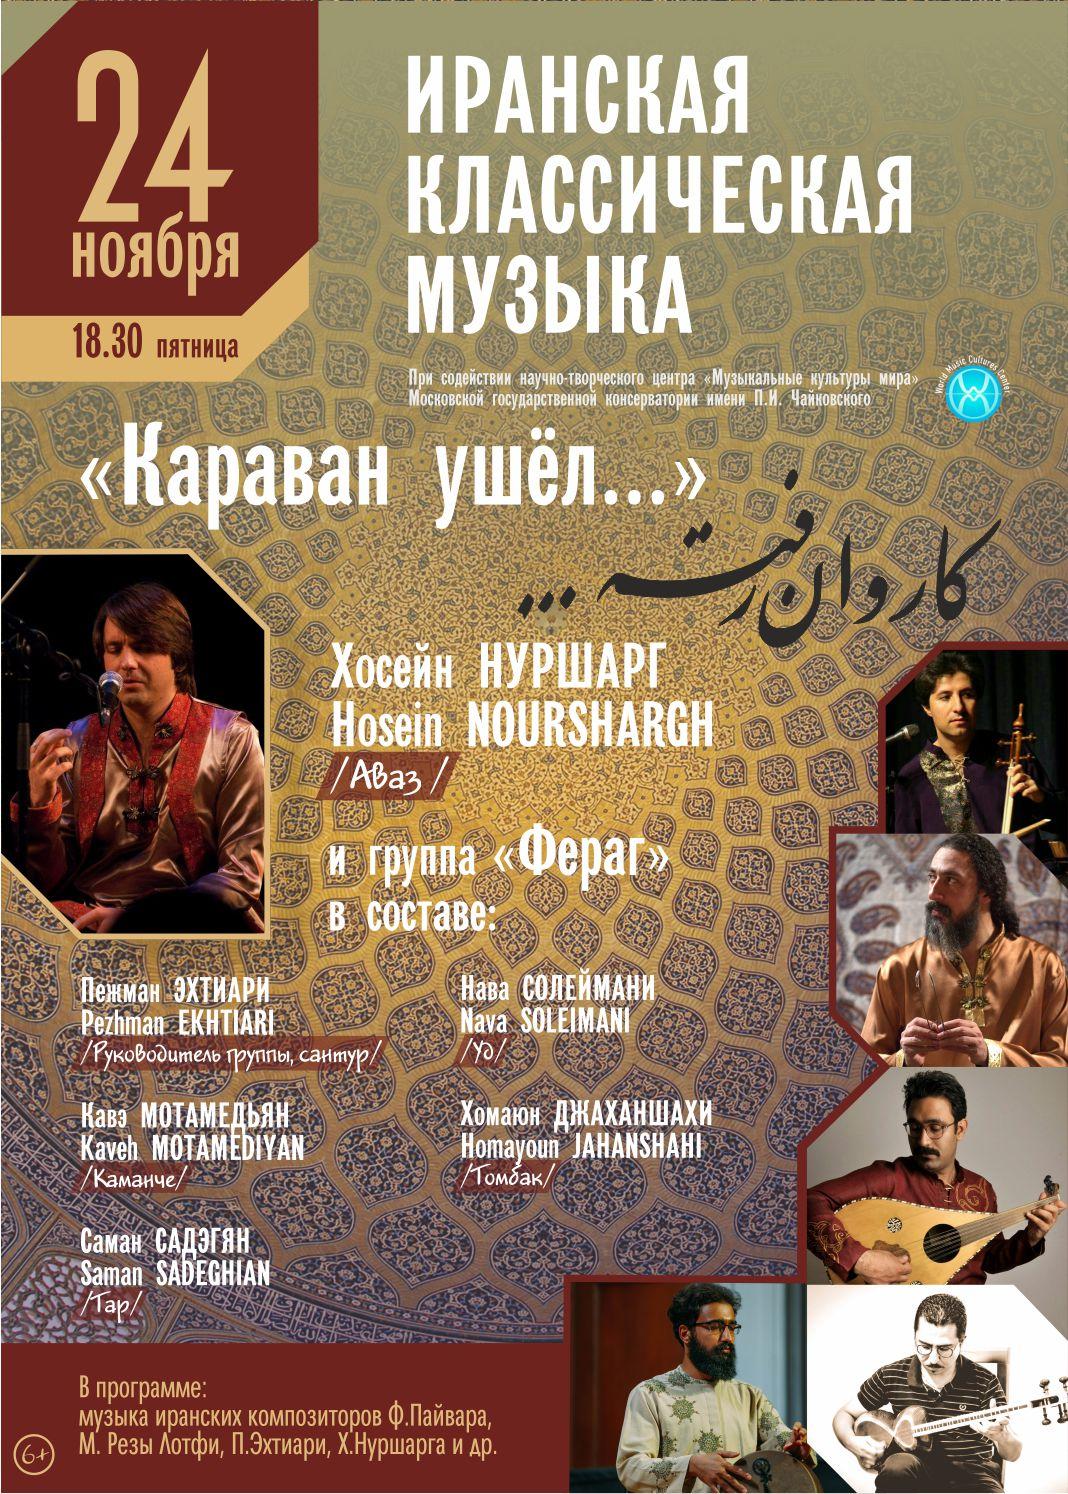 """Неделя иранской музыки в Санкт-Петербурге, Твери и Москве. Хосейн Нуршарг и группа """"Фераг"""""""